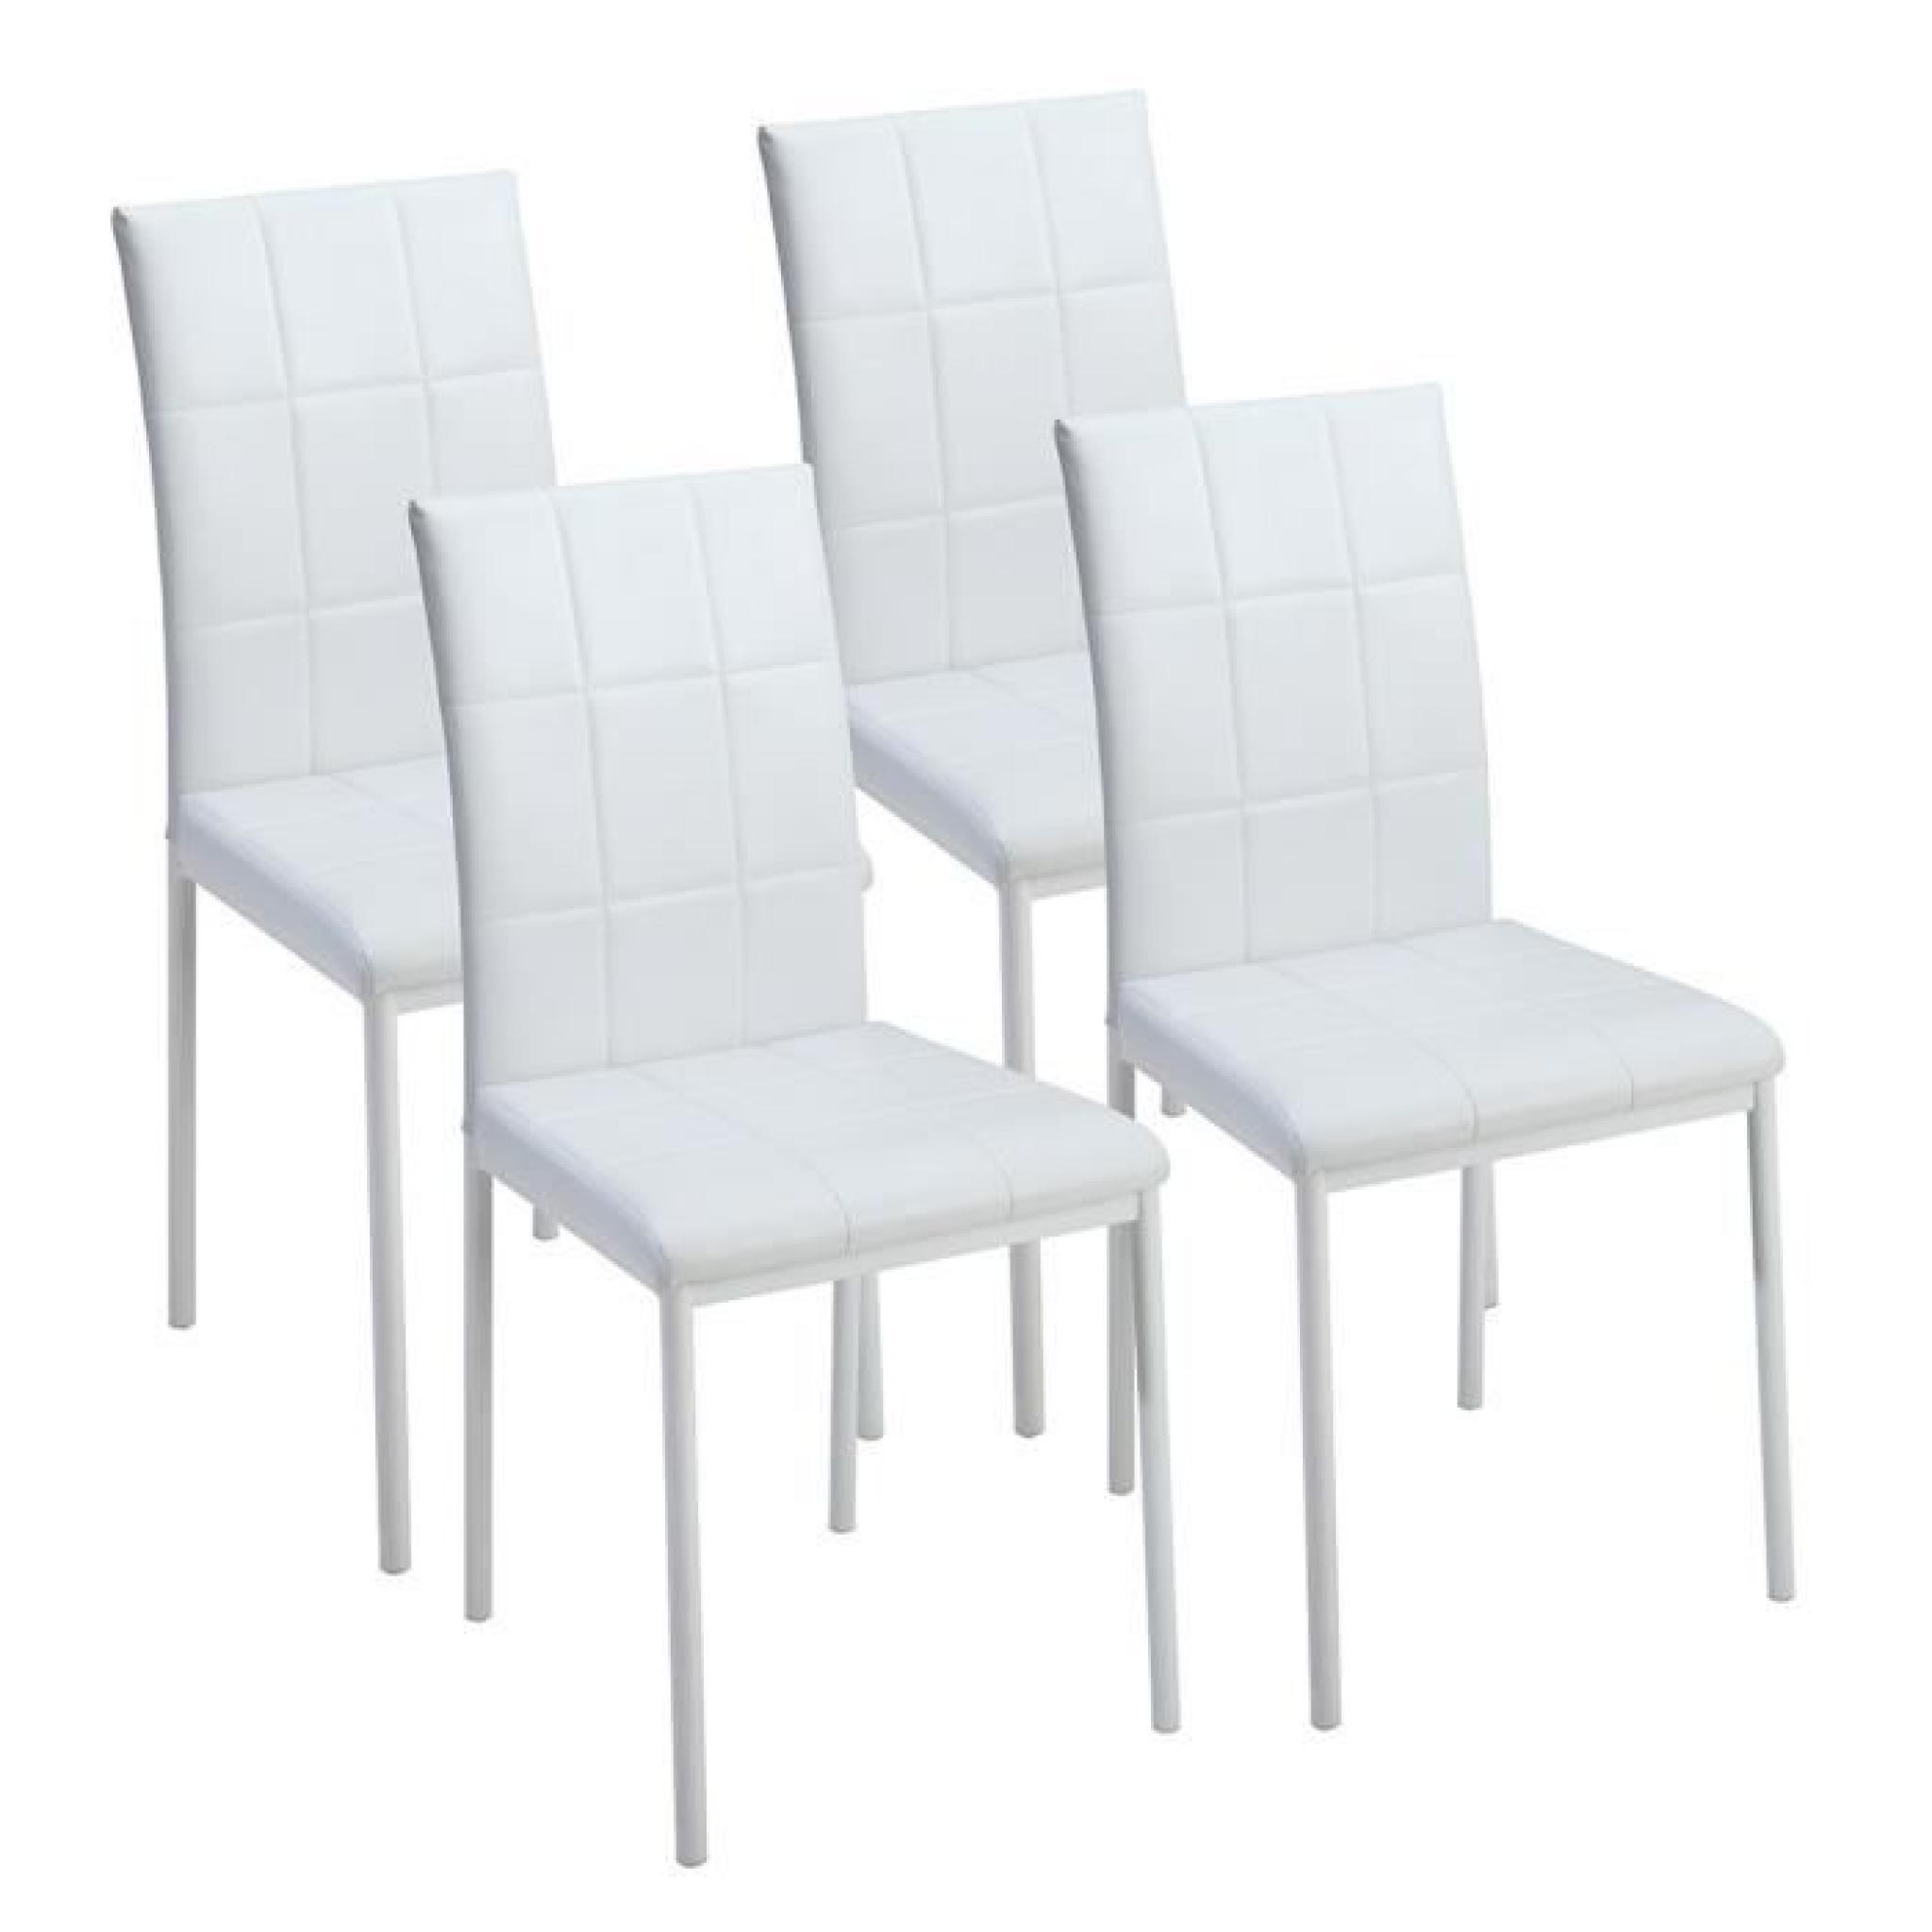 meilleur peinture pour cuisine le duo noir et blanc une valeur sre pour de votre cuisine. Black Bedroom Furniture Sets. Home Design Ideas